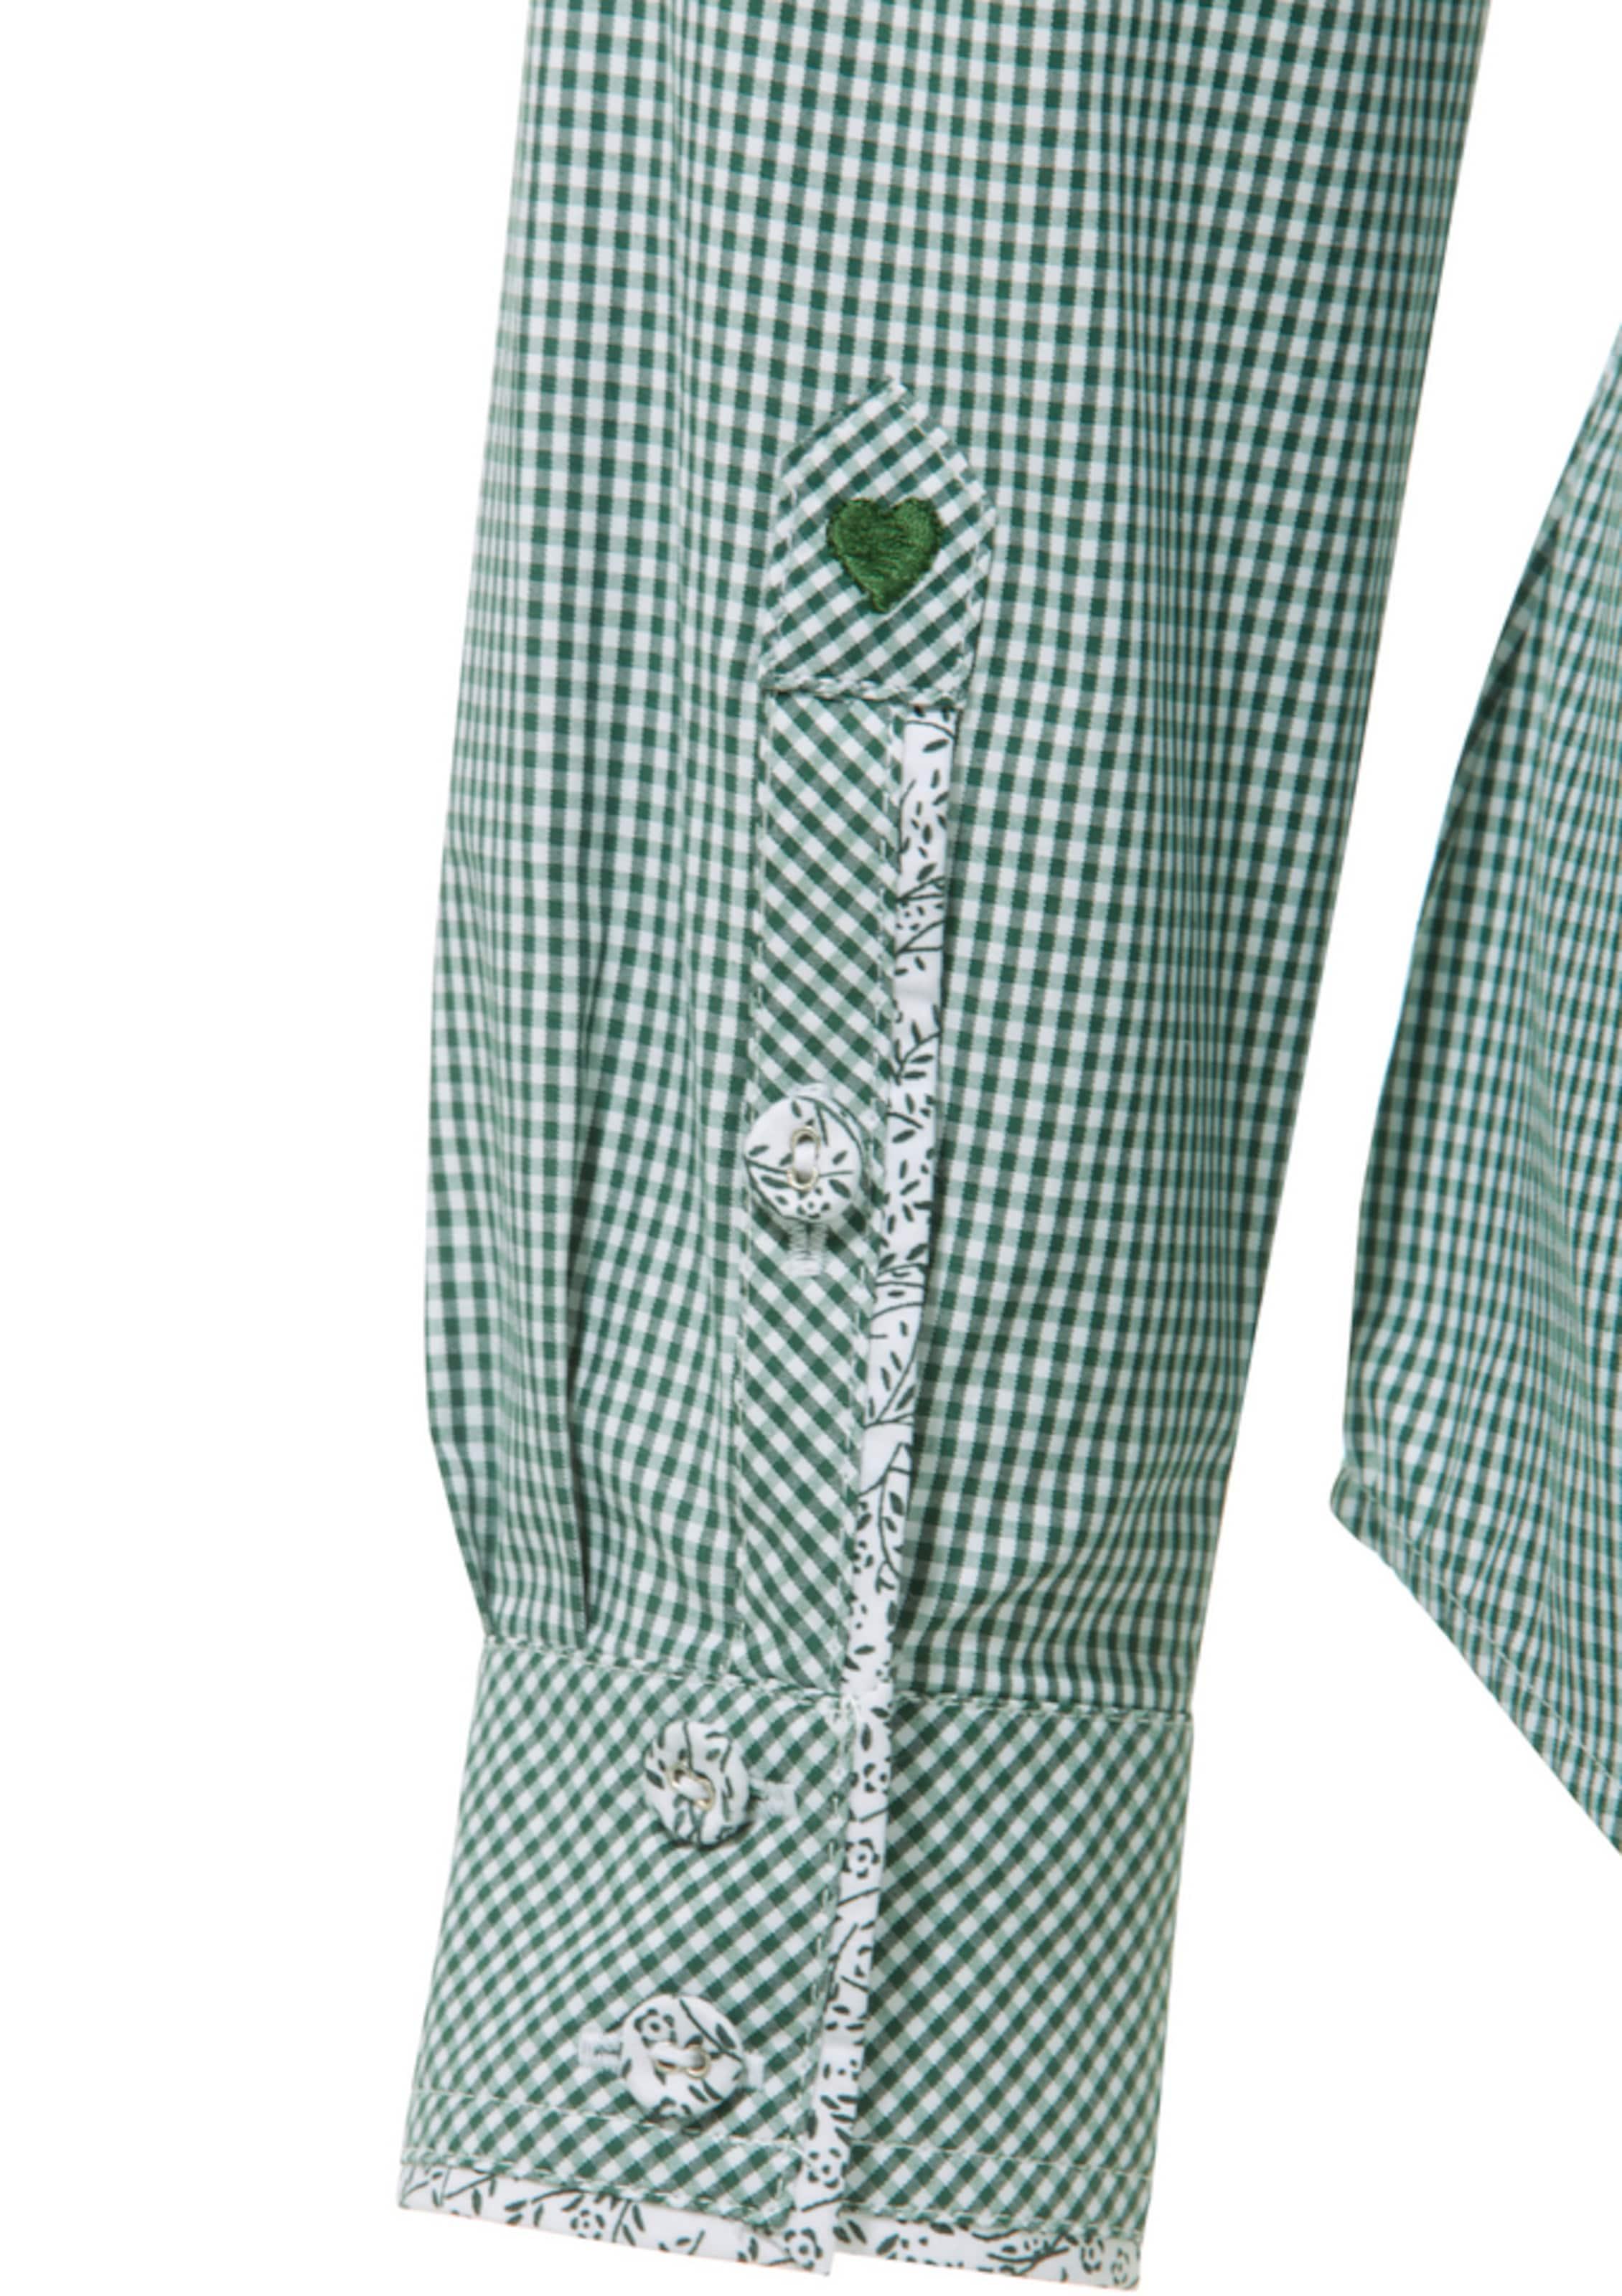 SPIETH & WENSKY Trachtenbluse mit Krempelärmeln Günstig Kaufen Limited Edition Echt Günstig Online Versand Rabatt Verkauf Online Billigsten Fe66VO4tYp